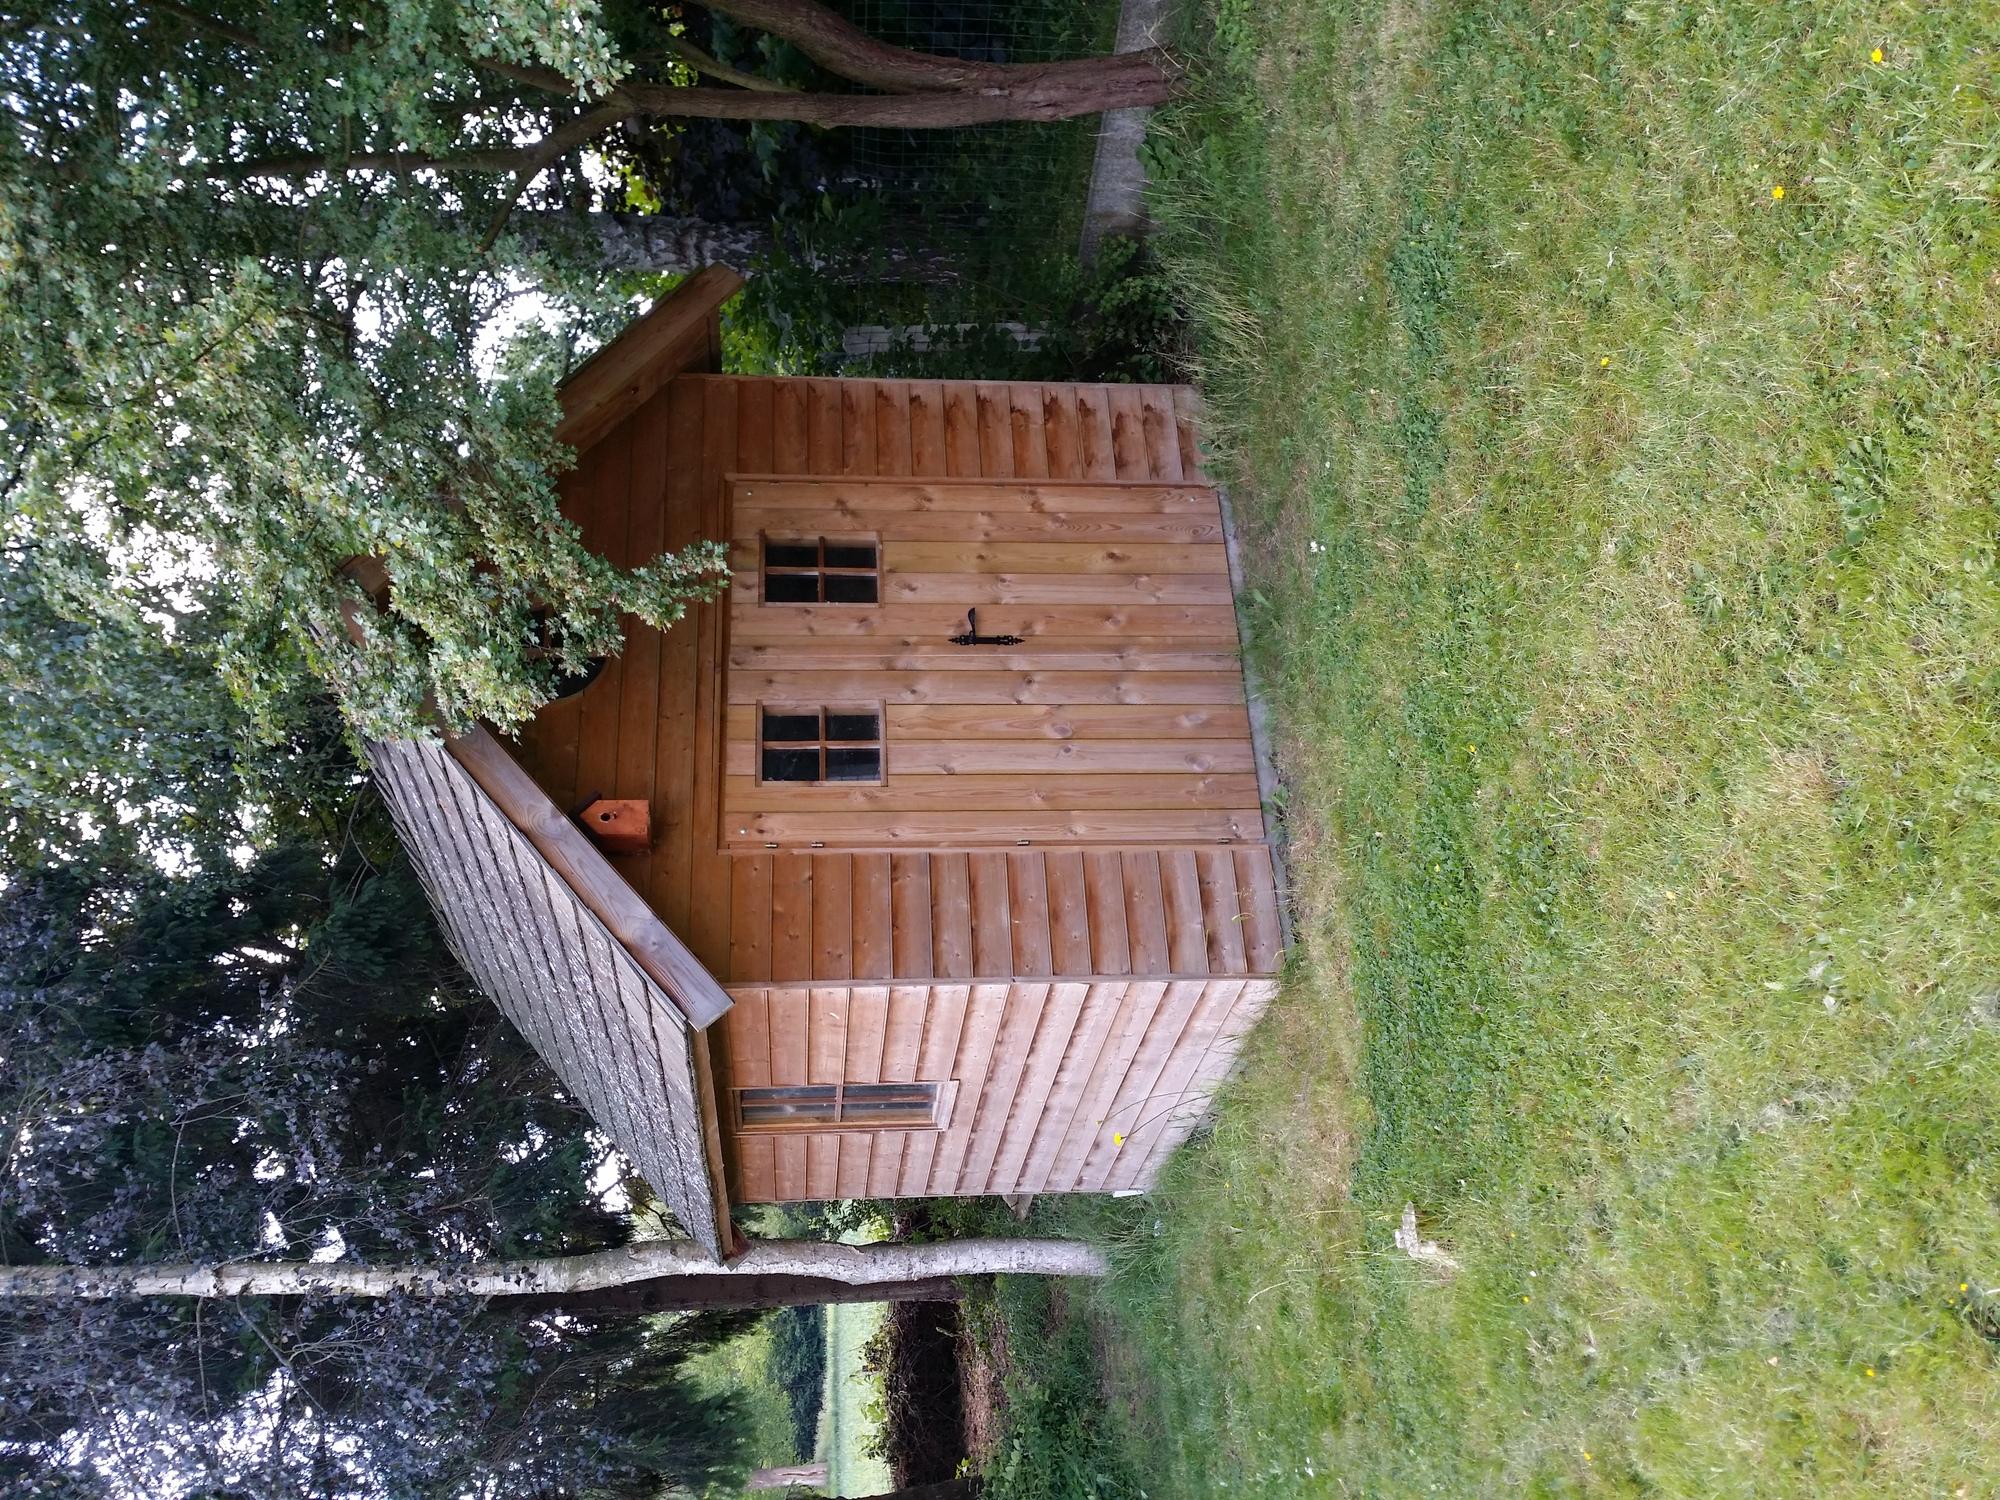 Construction cabane en bois lasne belgique cabanon for Chalet de jardin belgique